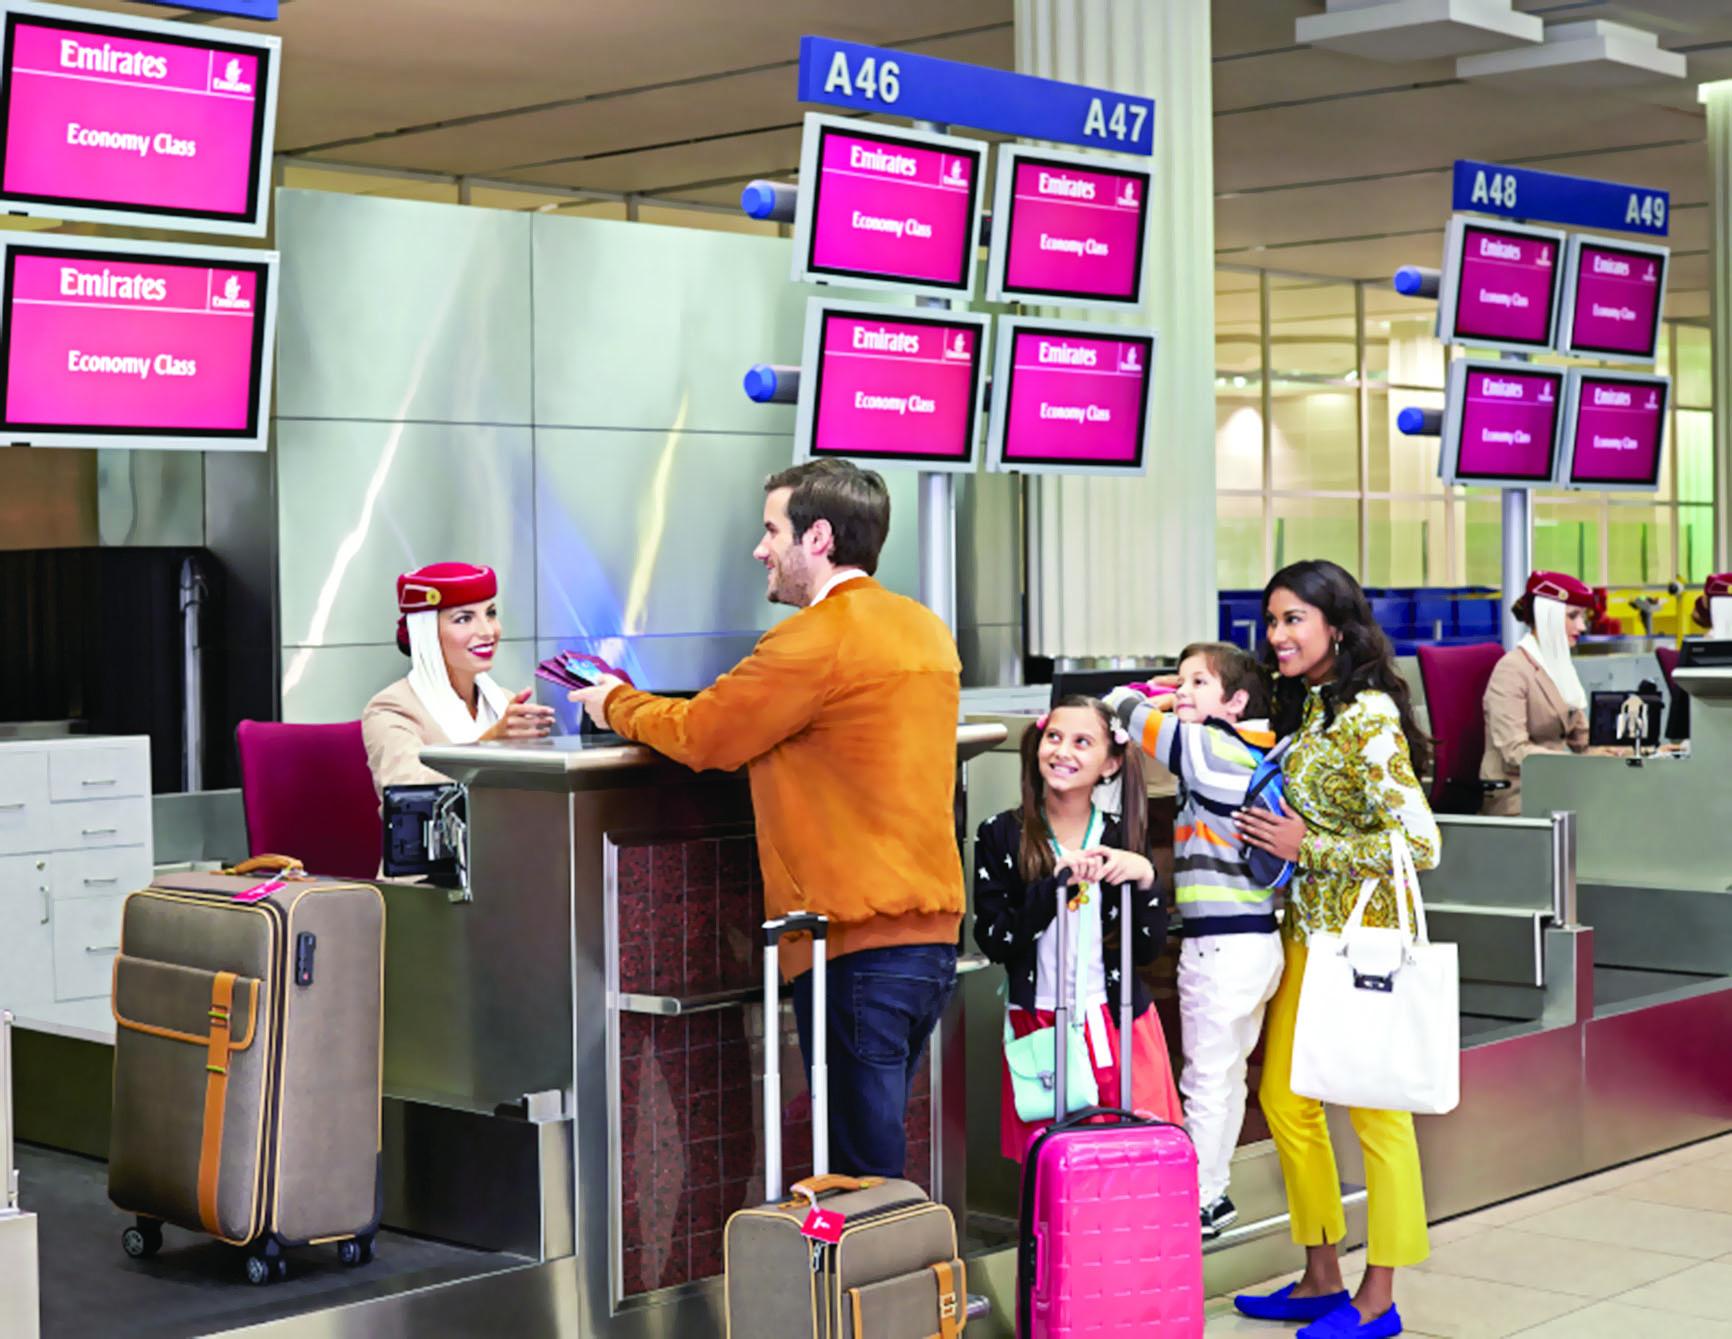 طيران الإمارات تتوقع أعداداً قياسية في إجازة الربيع